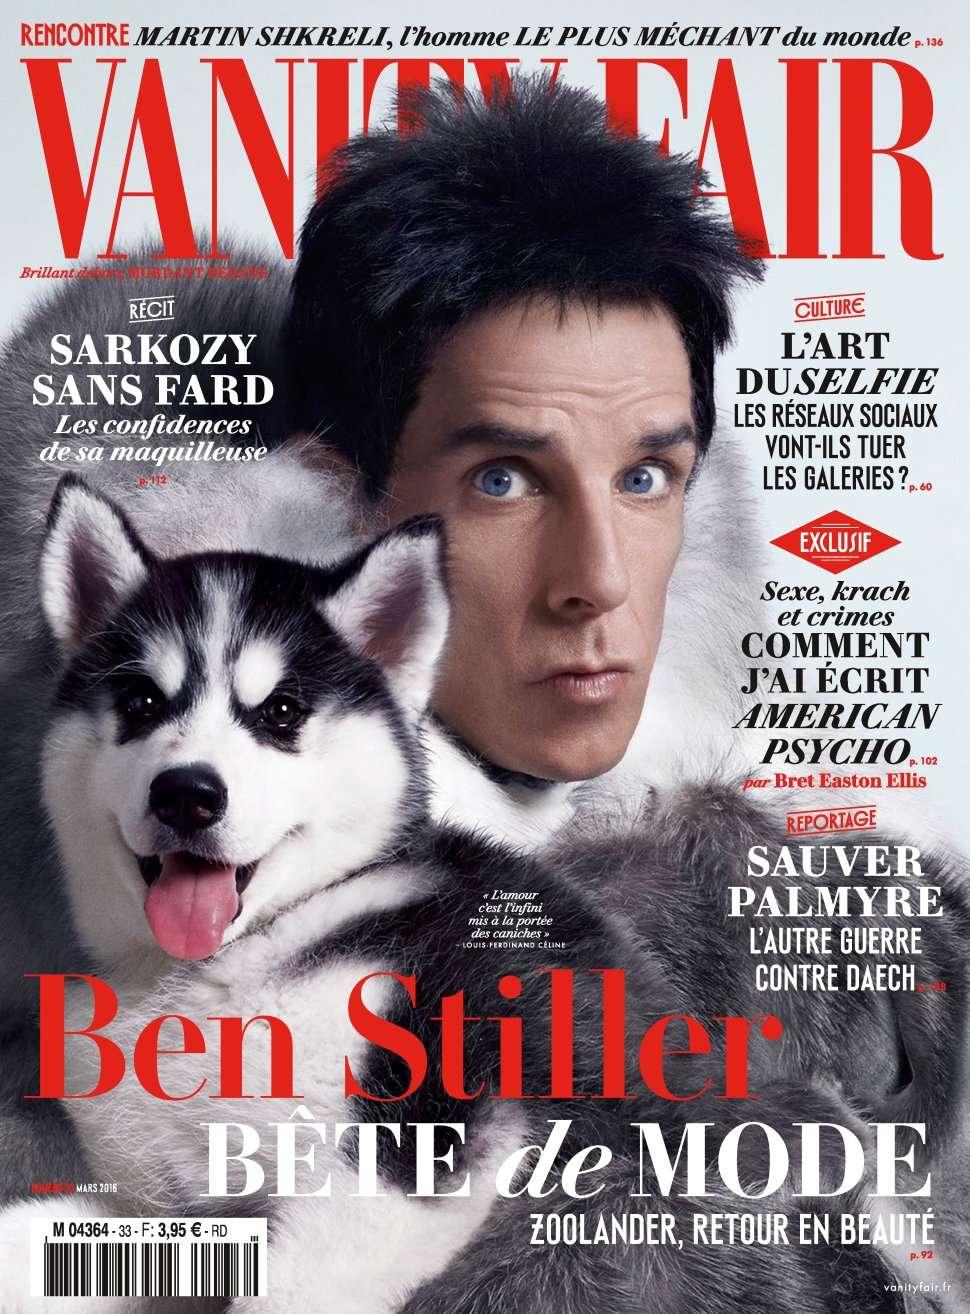 Vanity Fair 33 - Mars 2016